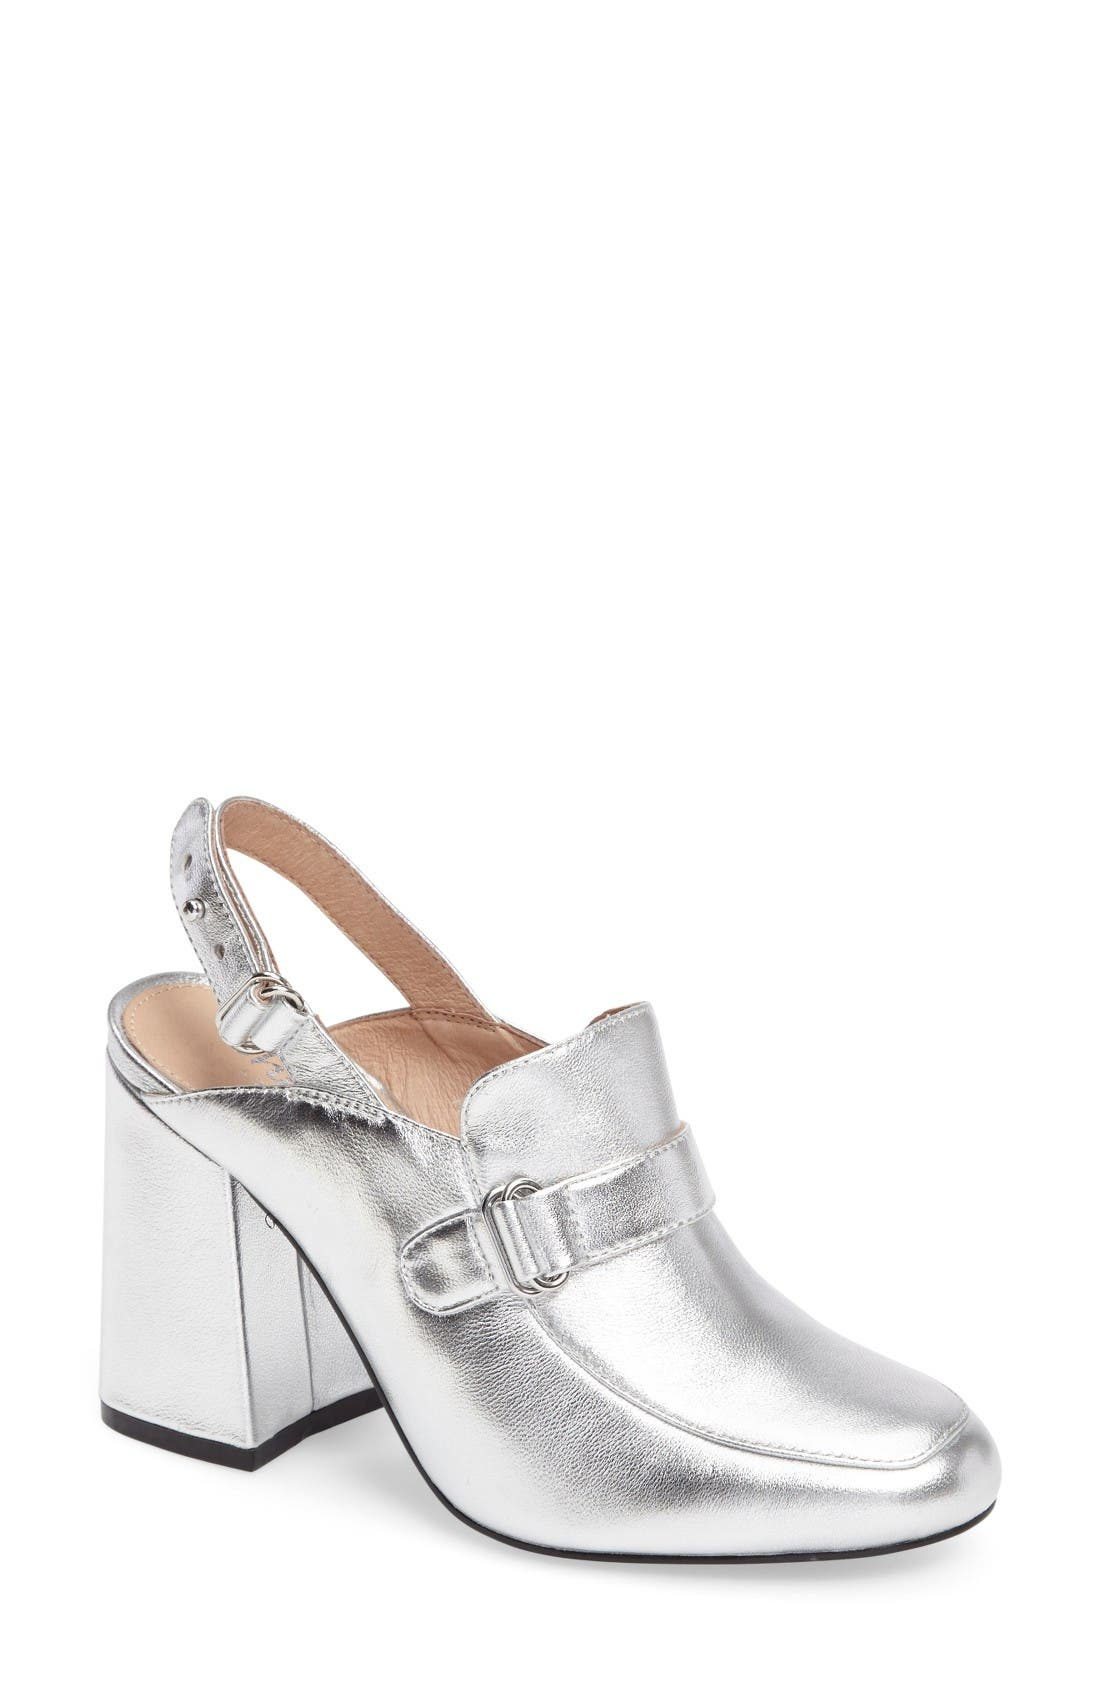 Shellys London Charity Slingback Loafer Mule (Women)